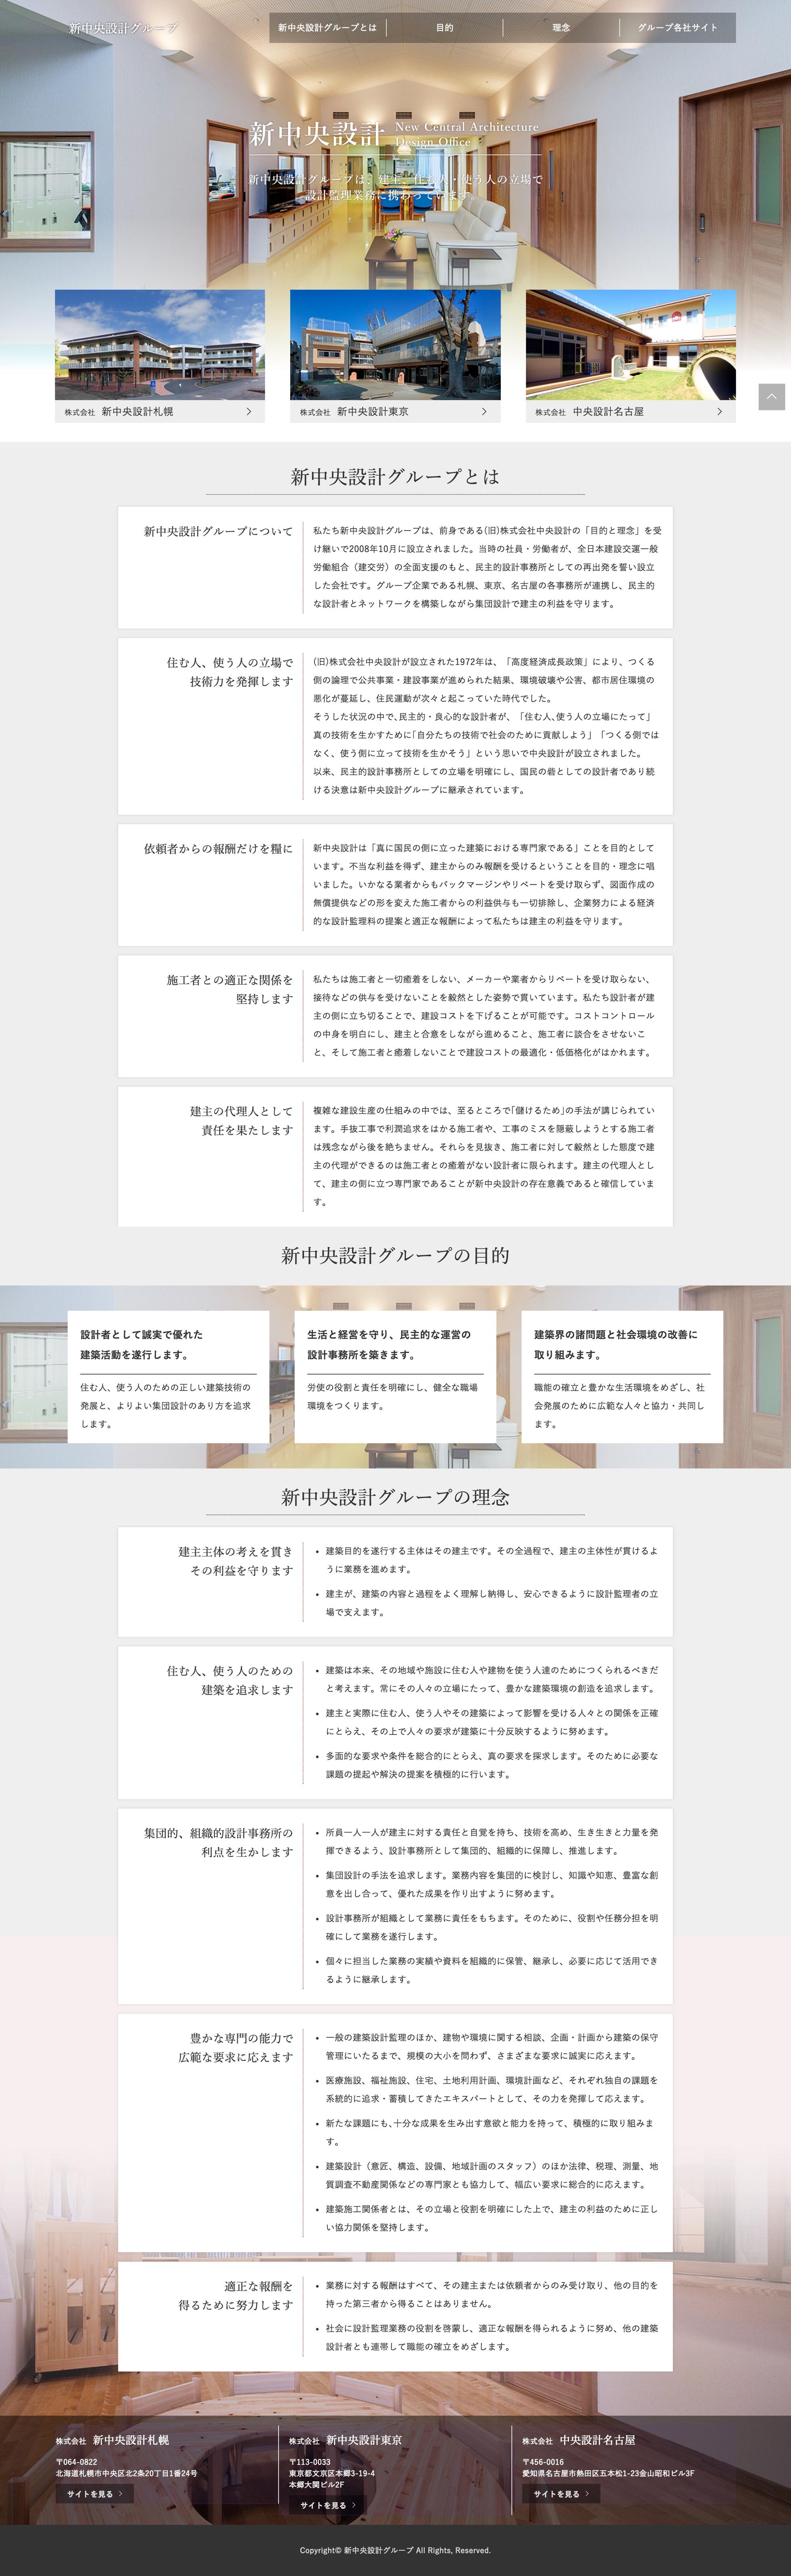 東京・札幌の建築設計事務所のホームページのPC版トップページのスクリーンショット